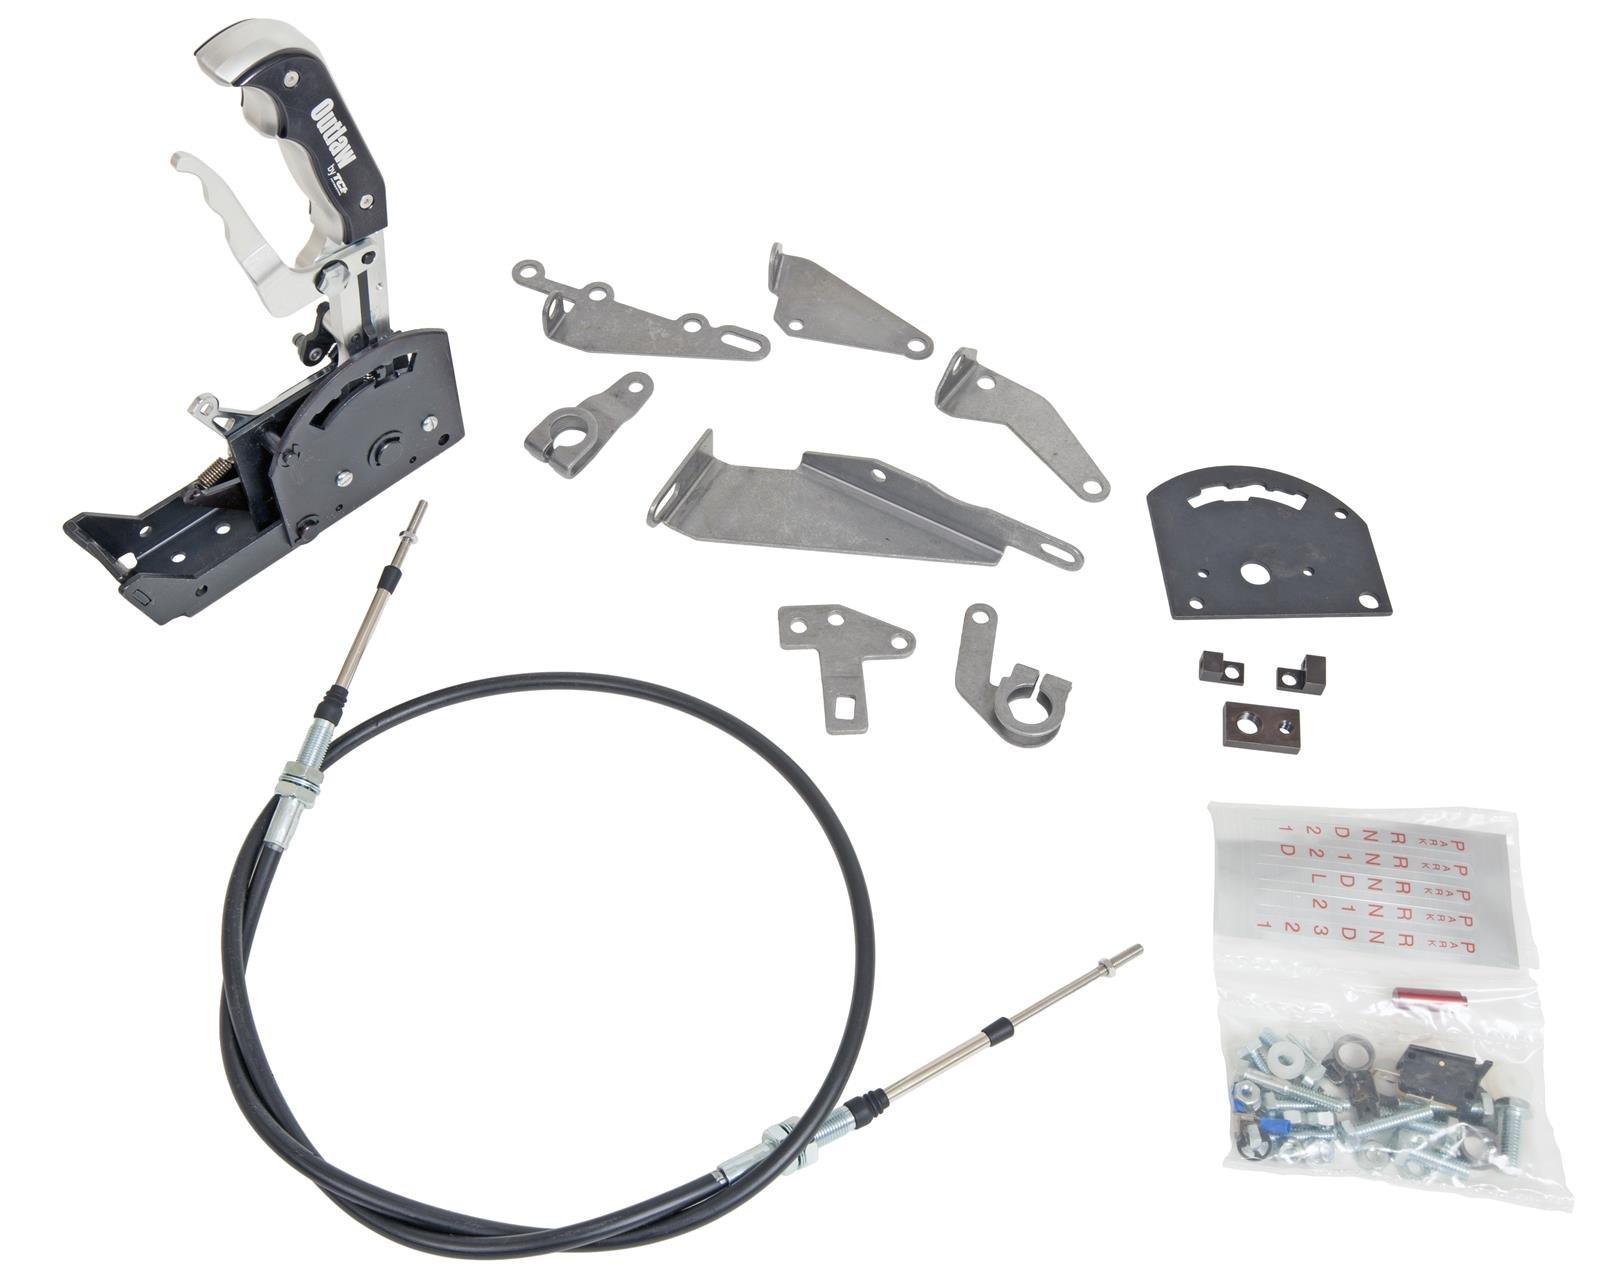 Tci Automotive 616532 Outlaw Shiftr 3spd Rev W/O C by TCI